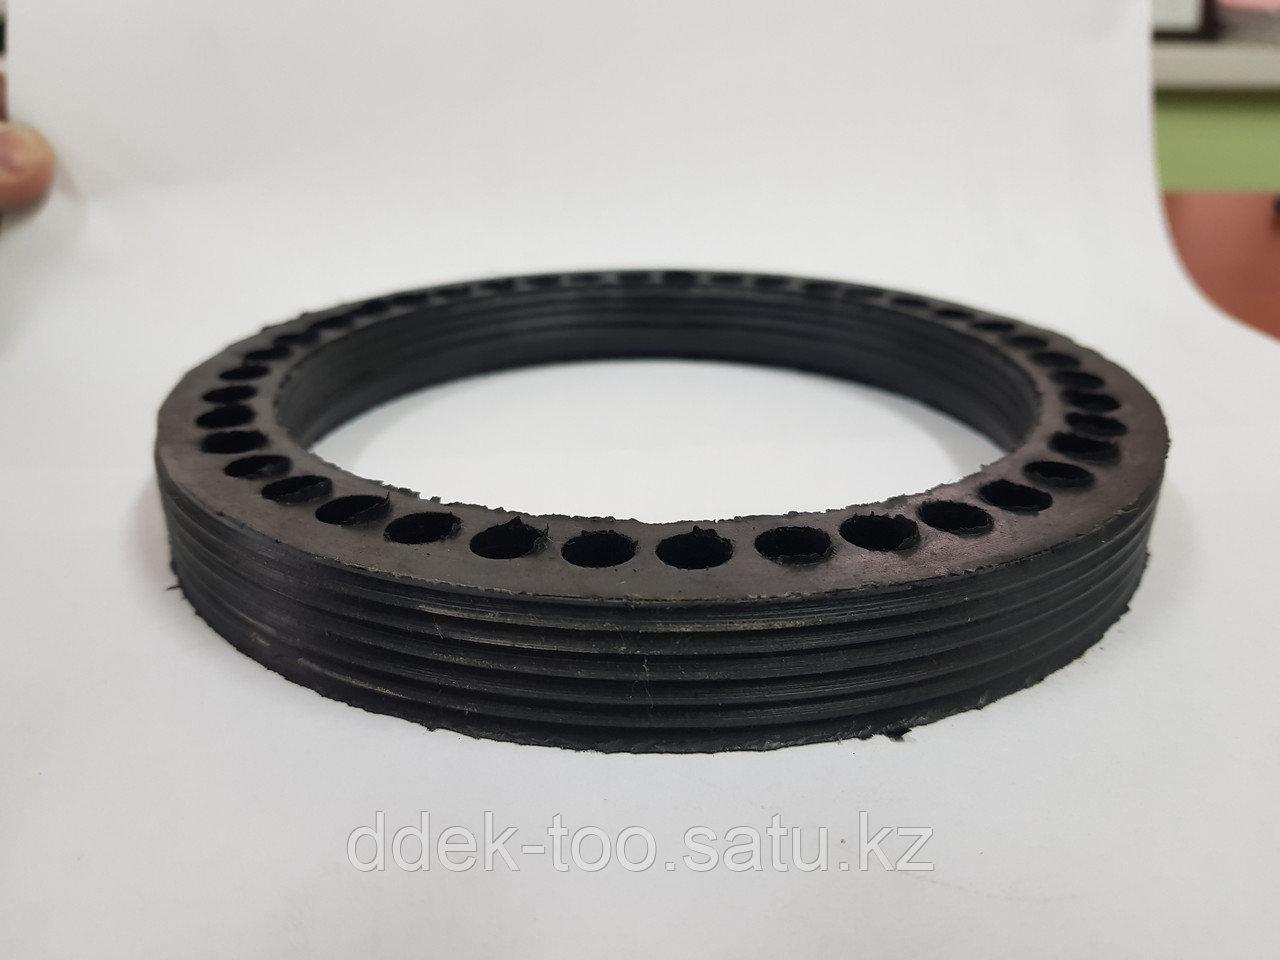 Уплотнительное кольцо для шиферных труб Ф300